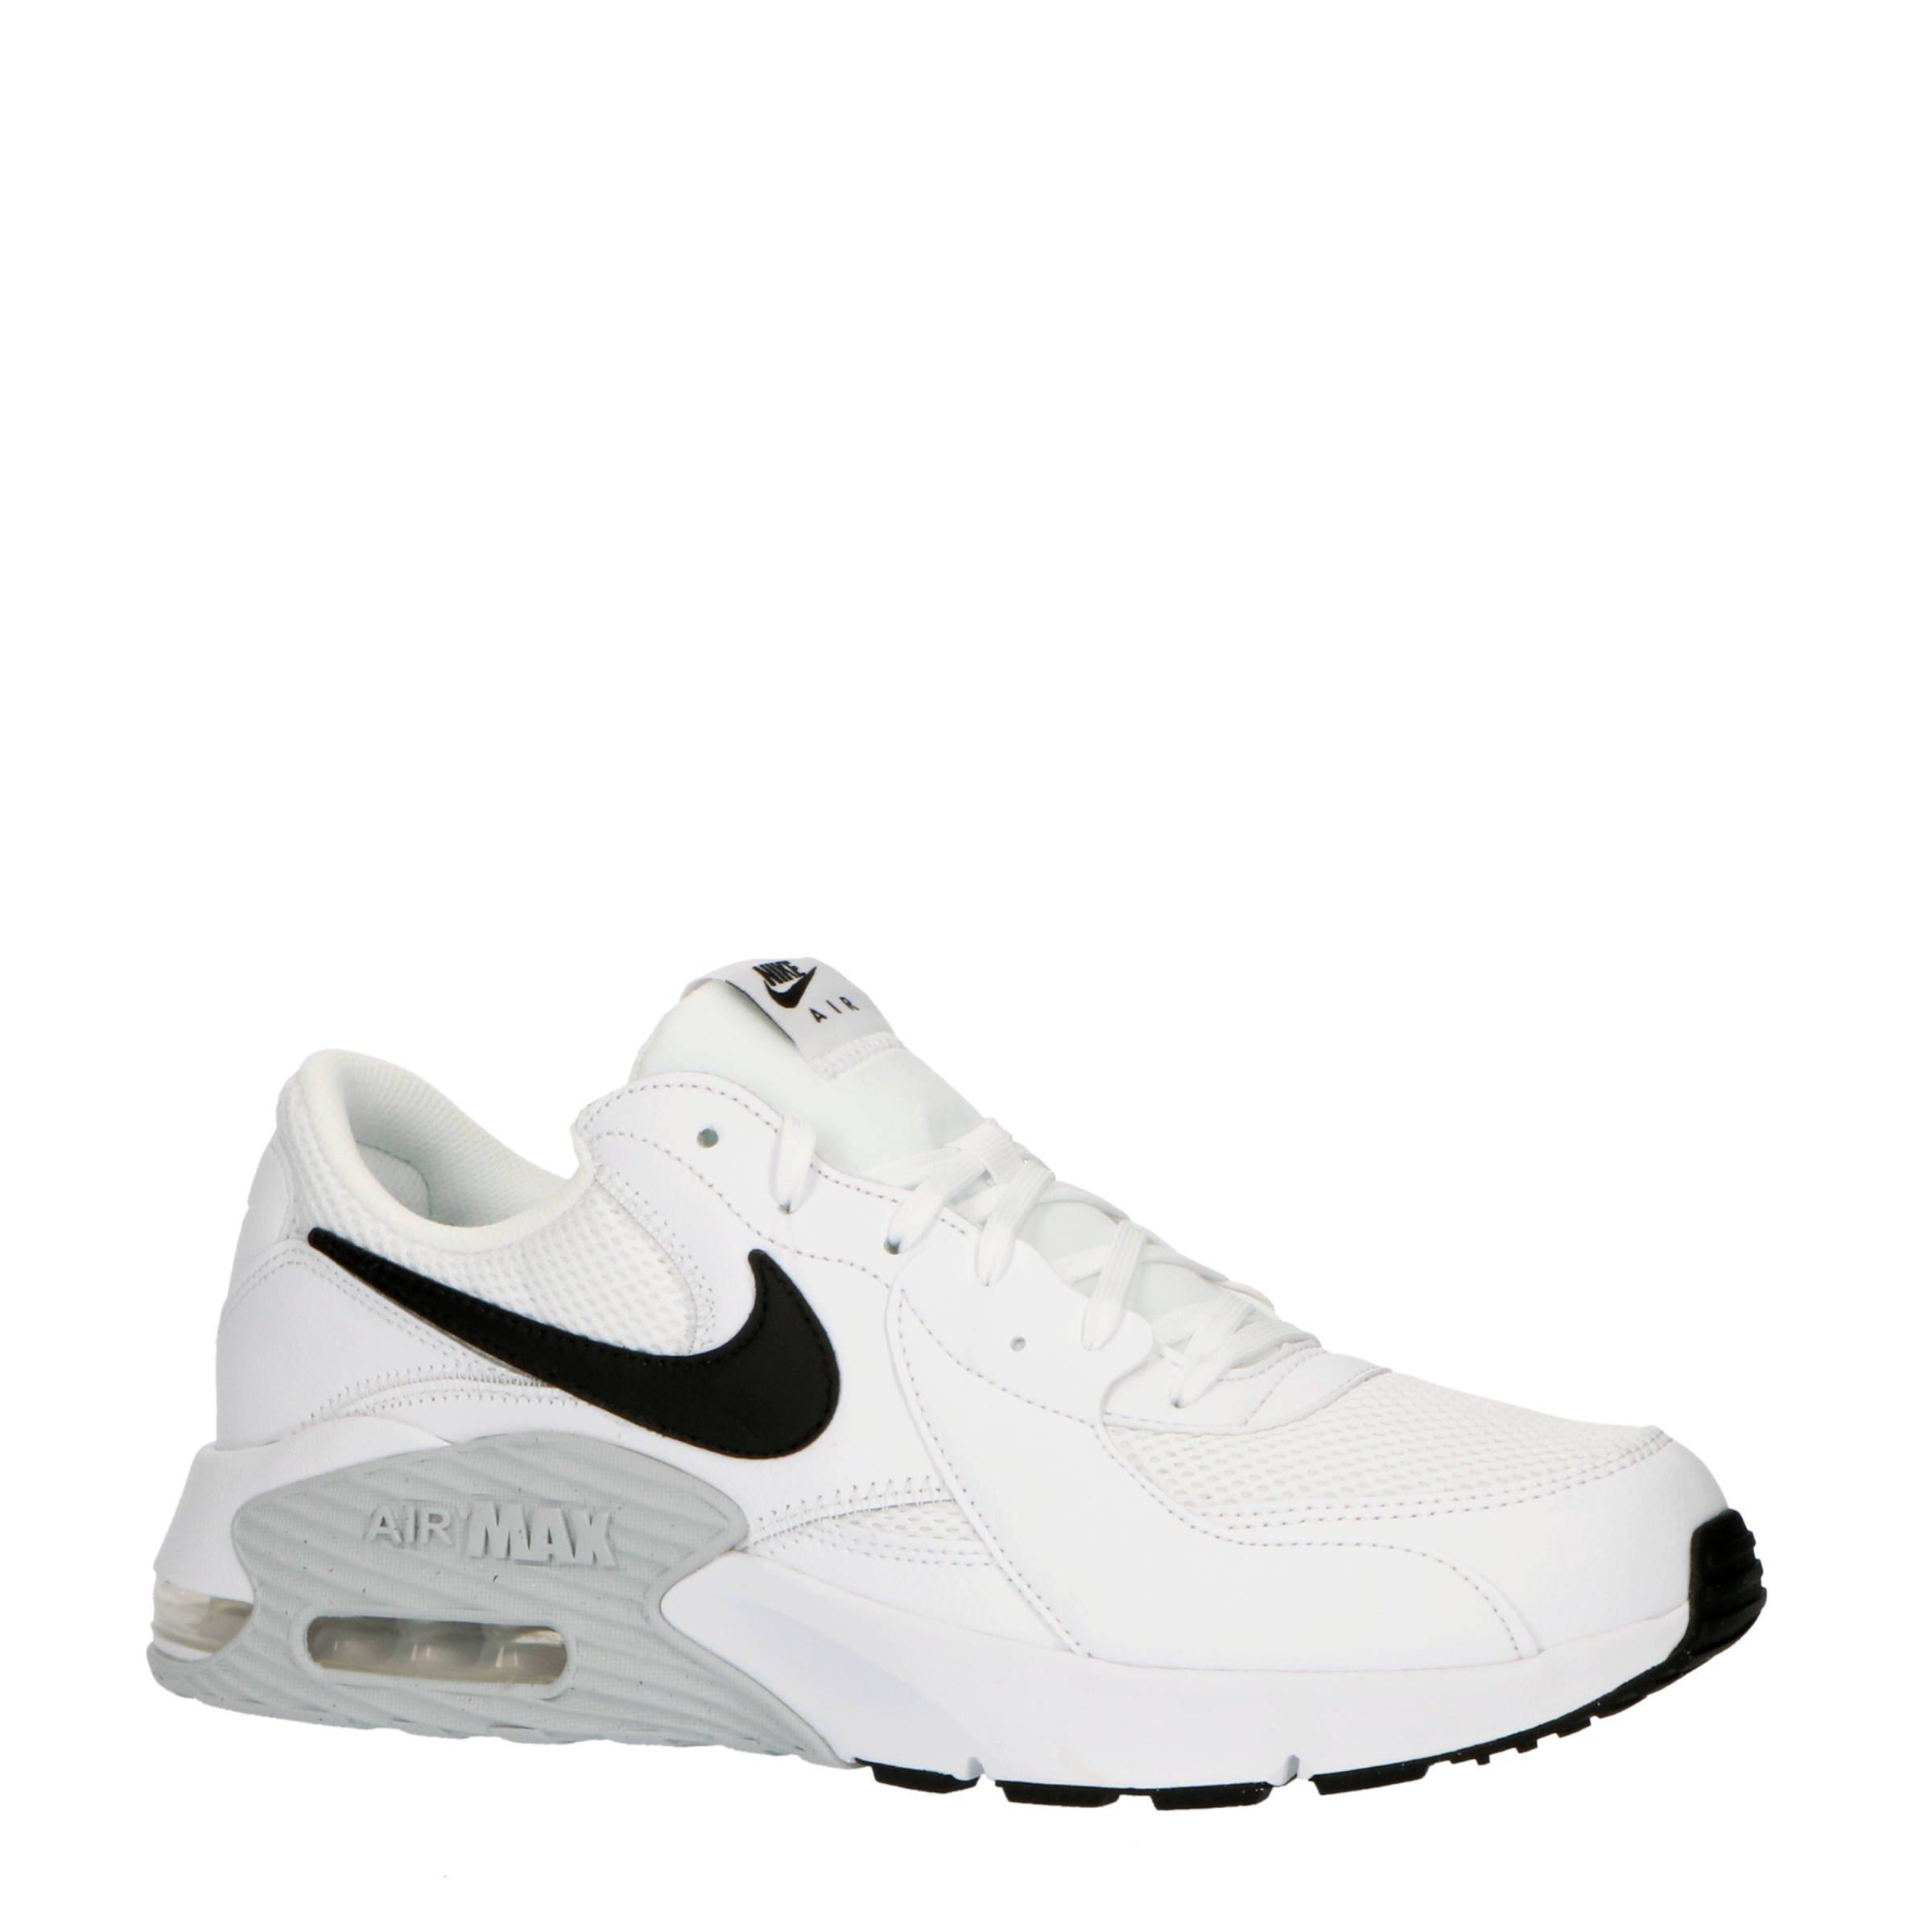 Nike Air Max Excee sneakers witzwartzilver | wehkamp